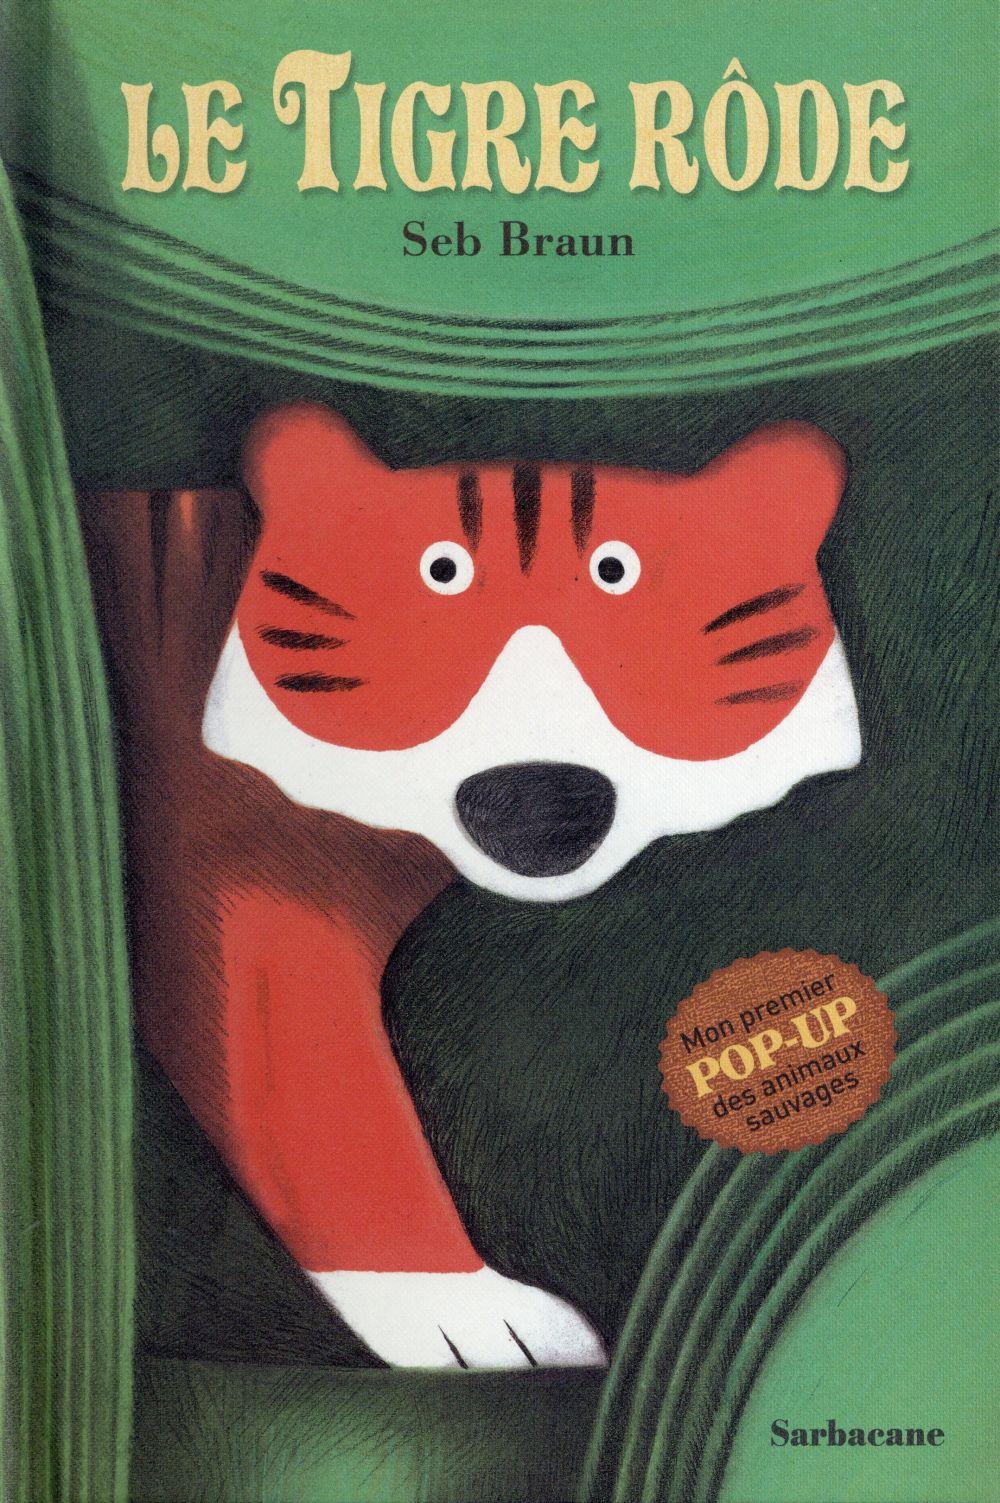 Le tigre rôde